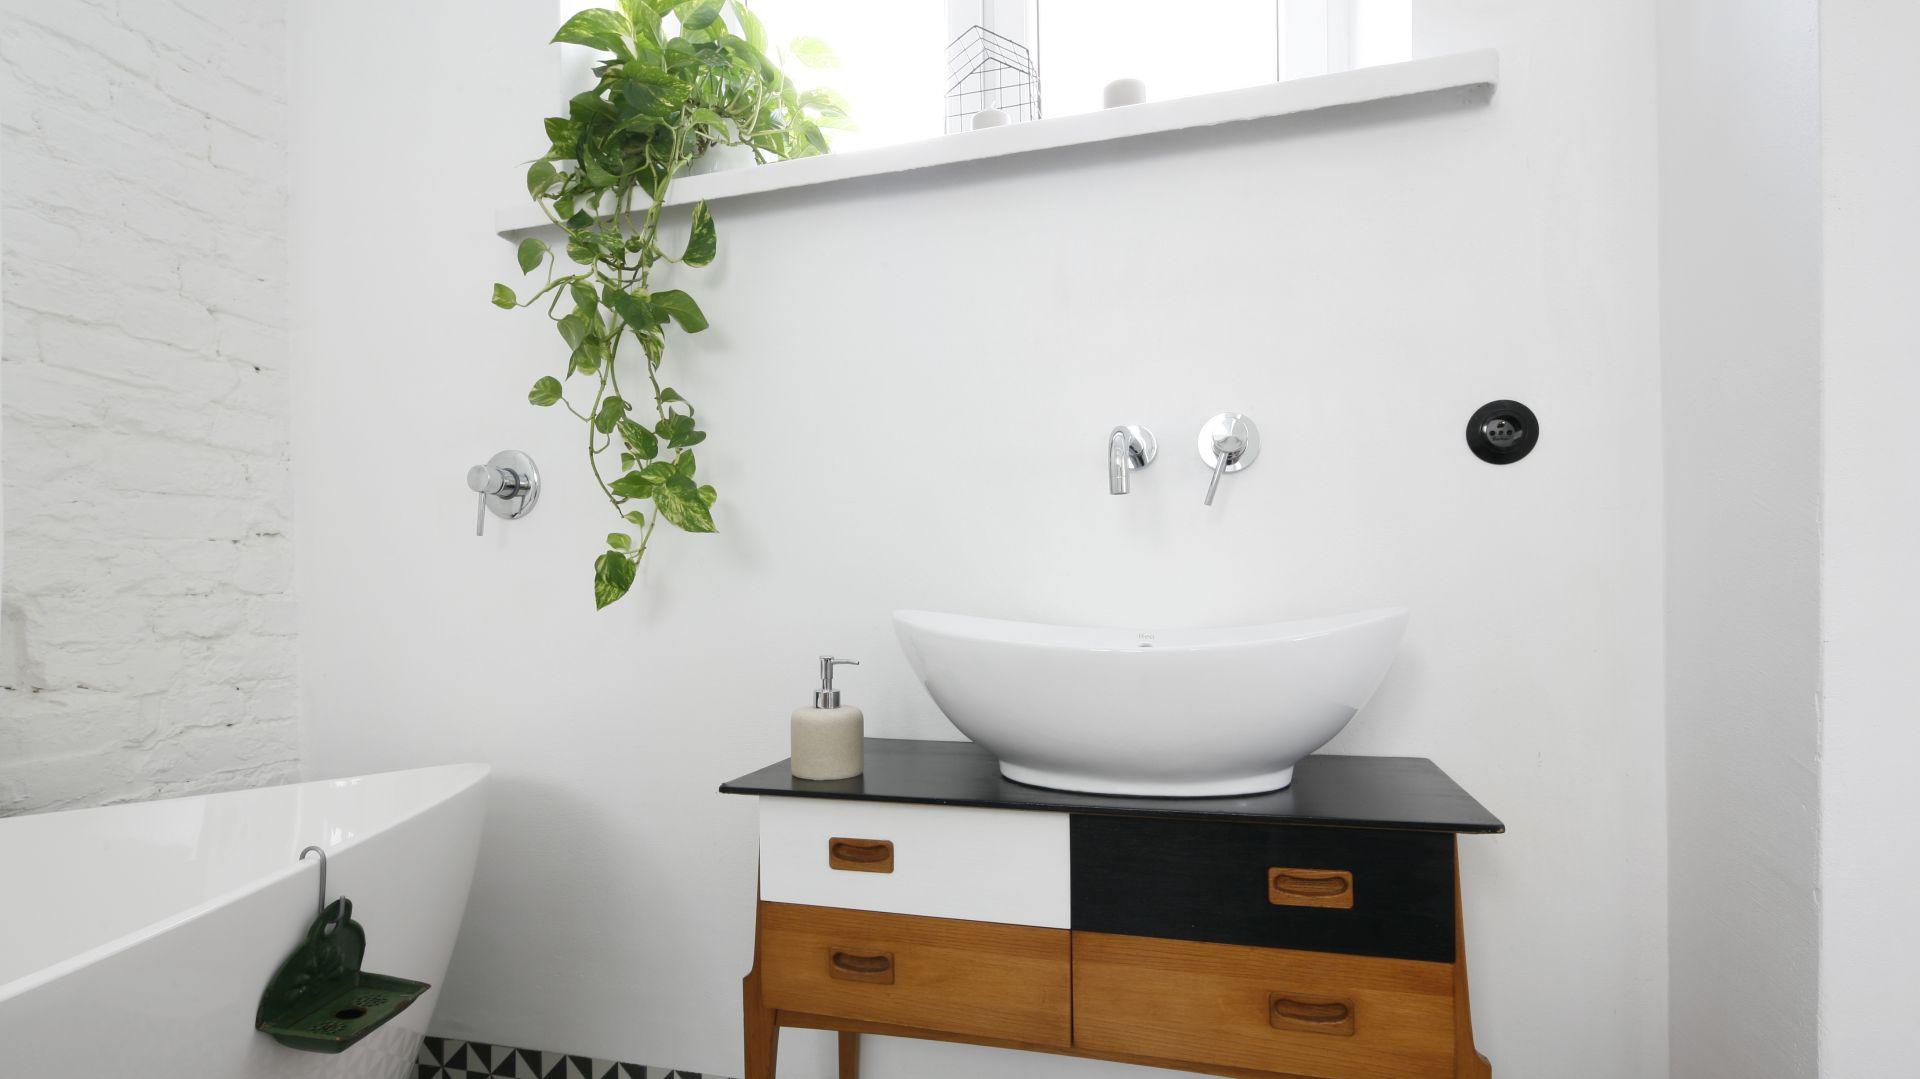 Pomysł na szafkę pod umywalkę. Proj. Ewelina Pik. Fot. Bartosz Jarosz